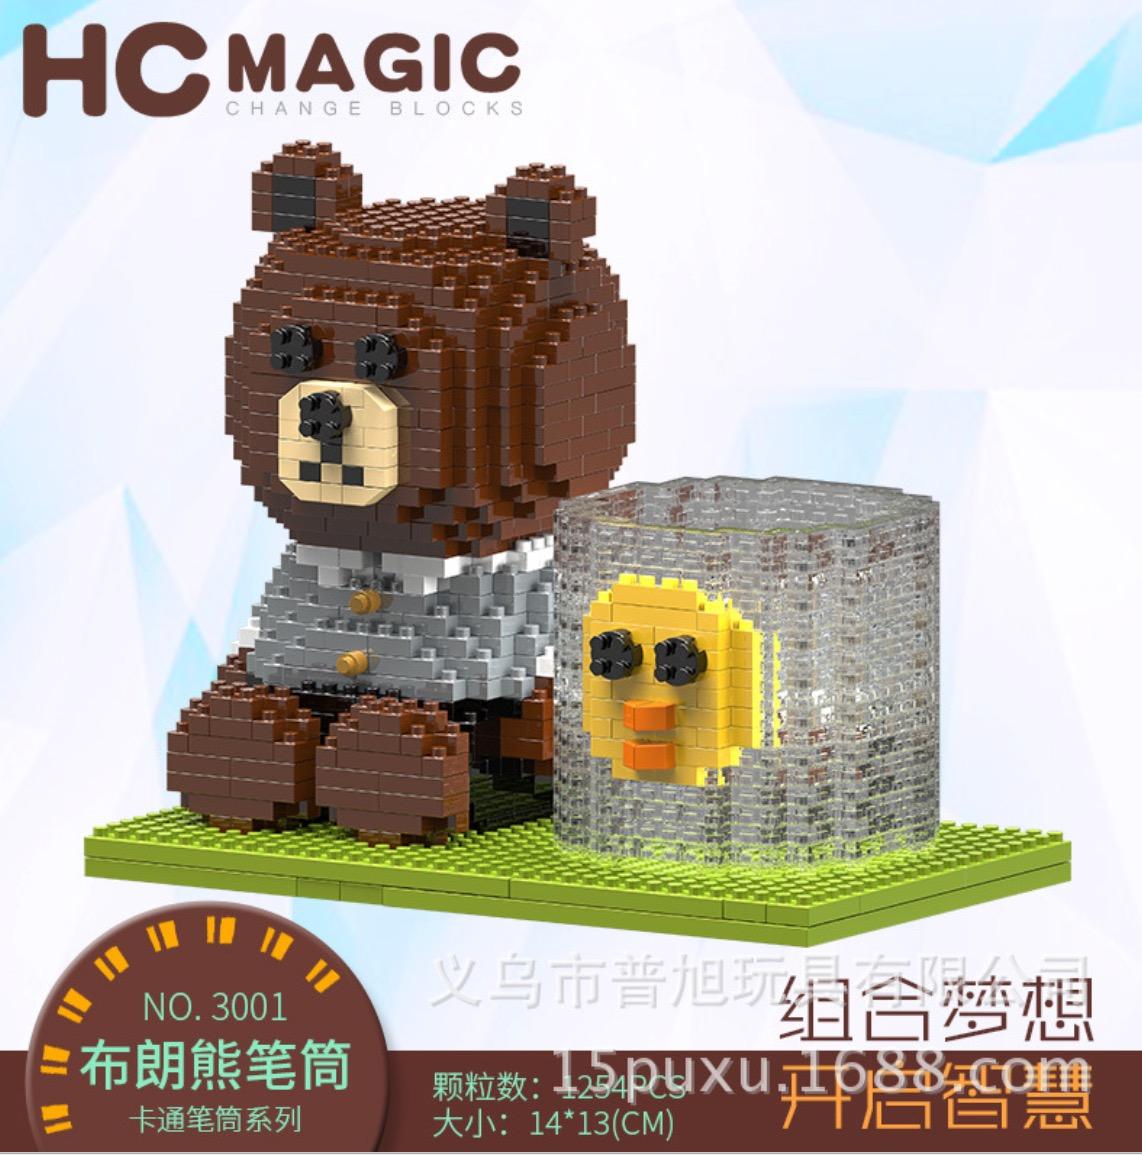 นาโนบล็อค LINE Brown / HC Magic 3001